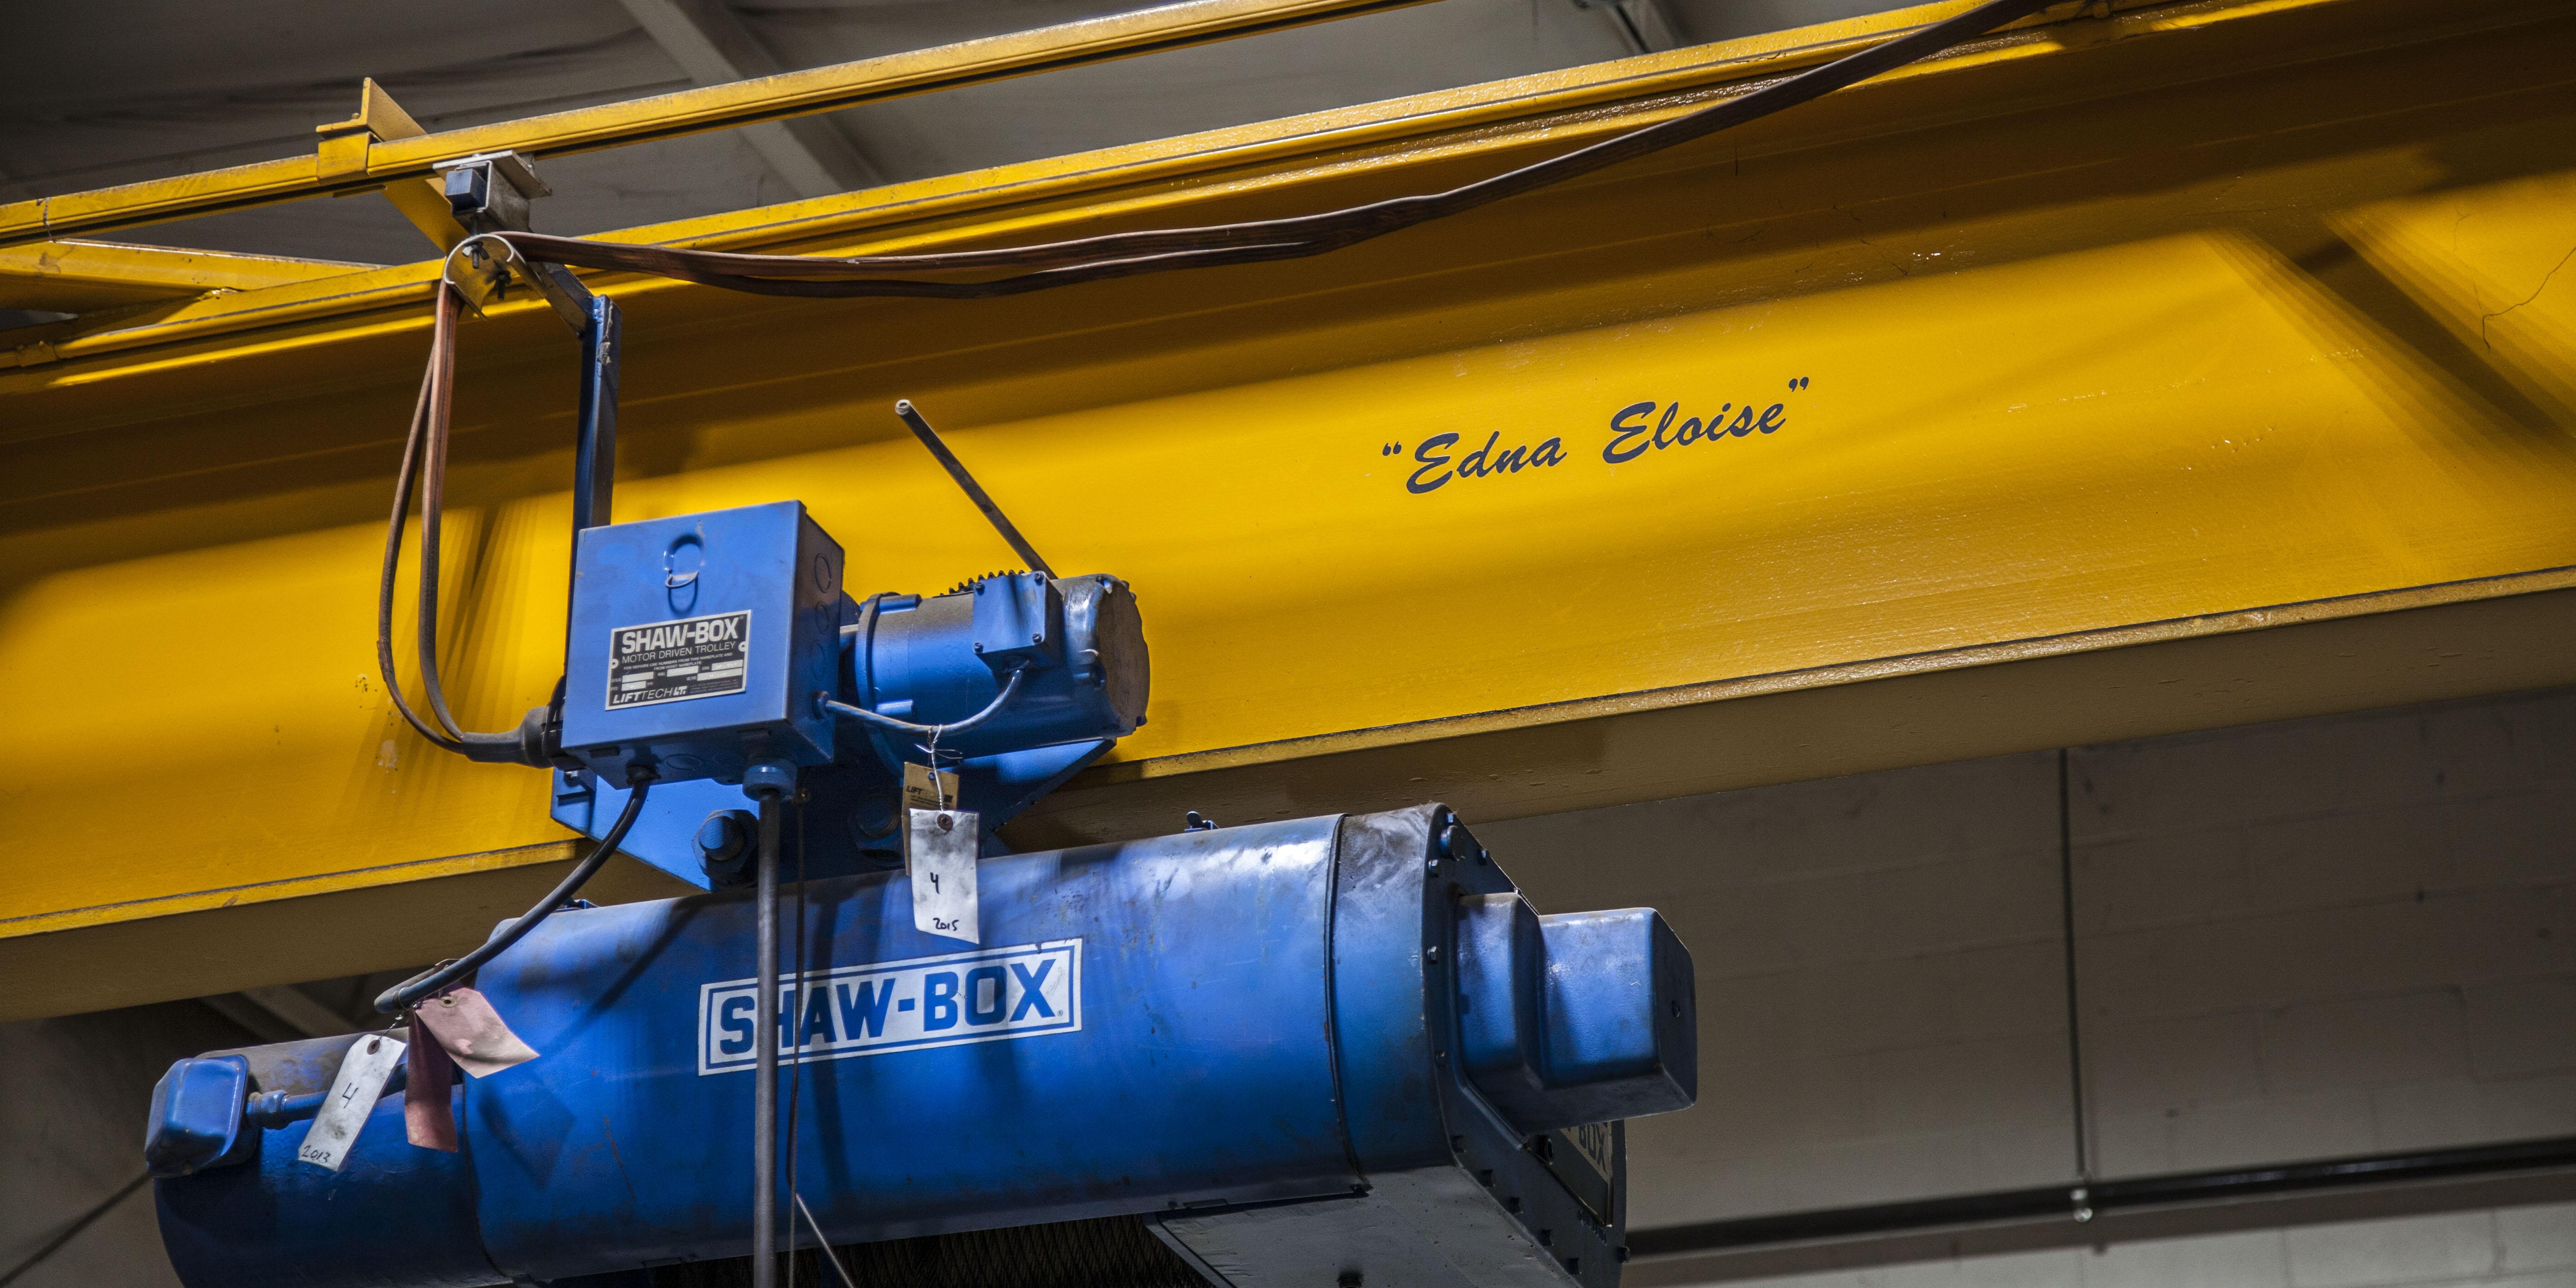 Crane named after Edna